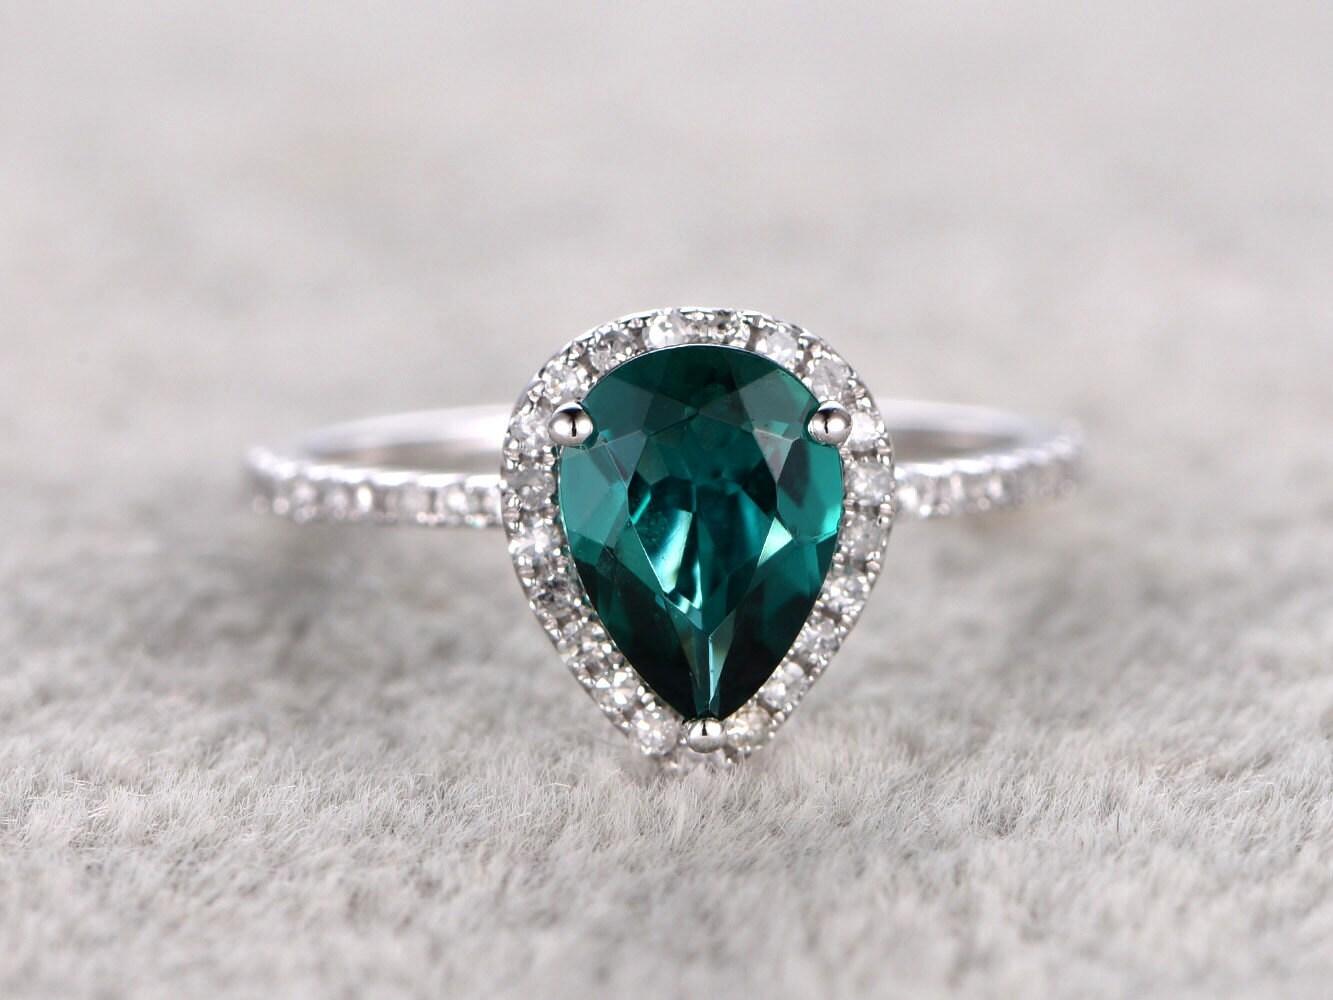 emerald engagement ring white goldhalo diamondwedding